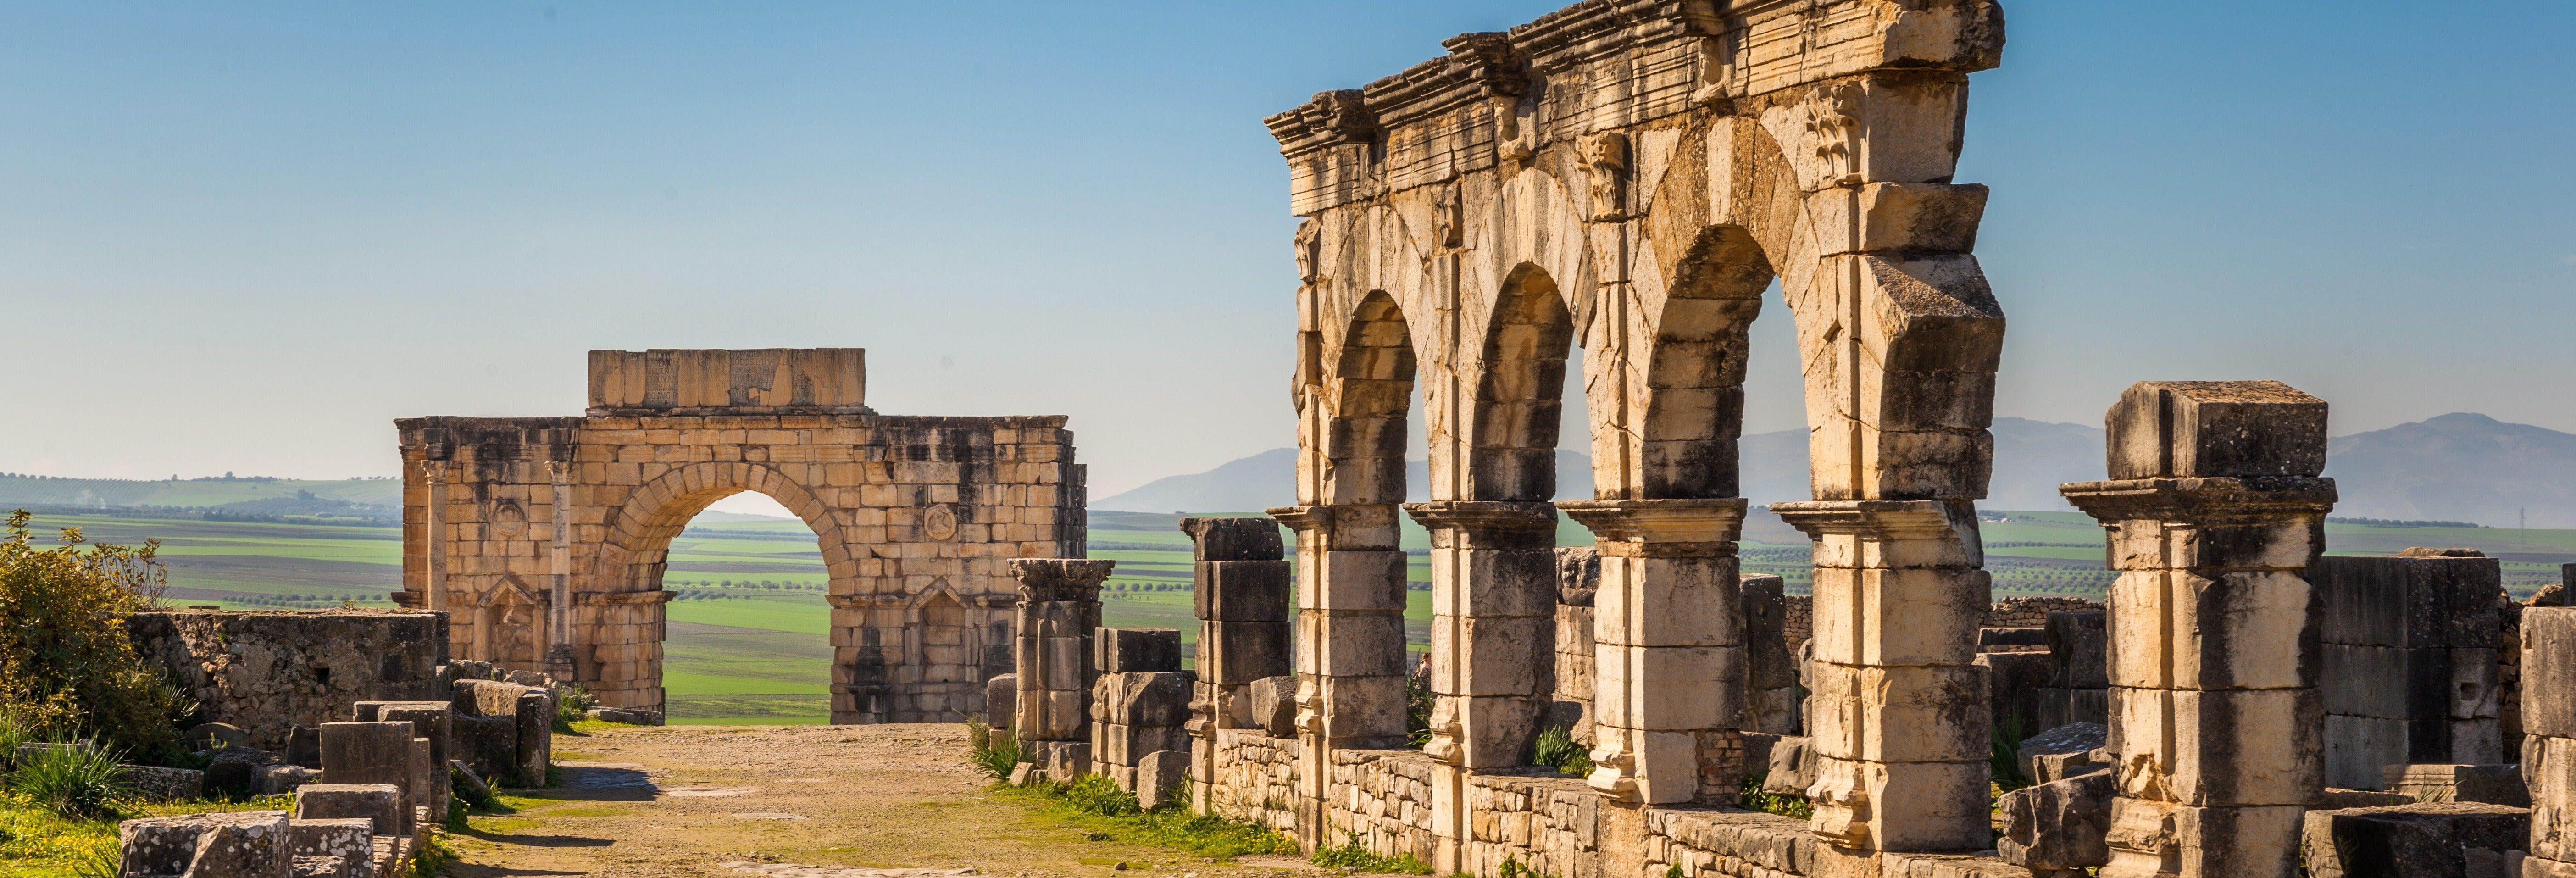 Excursión a Meknes y Volubilis